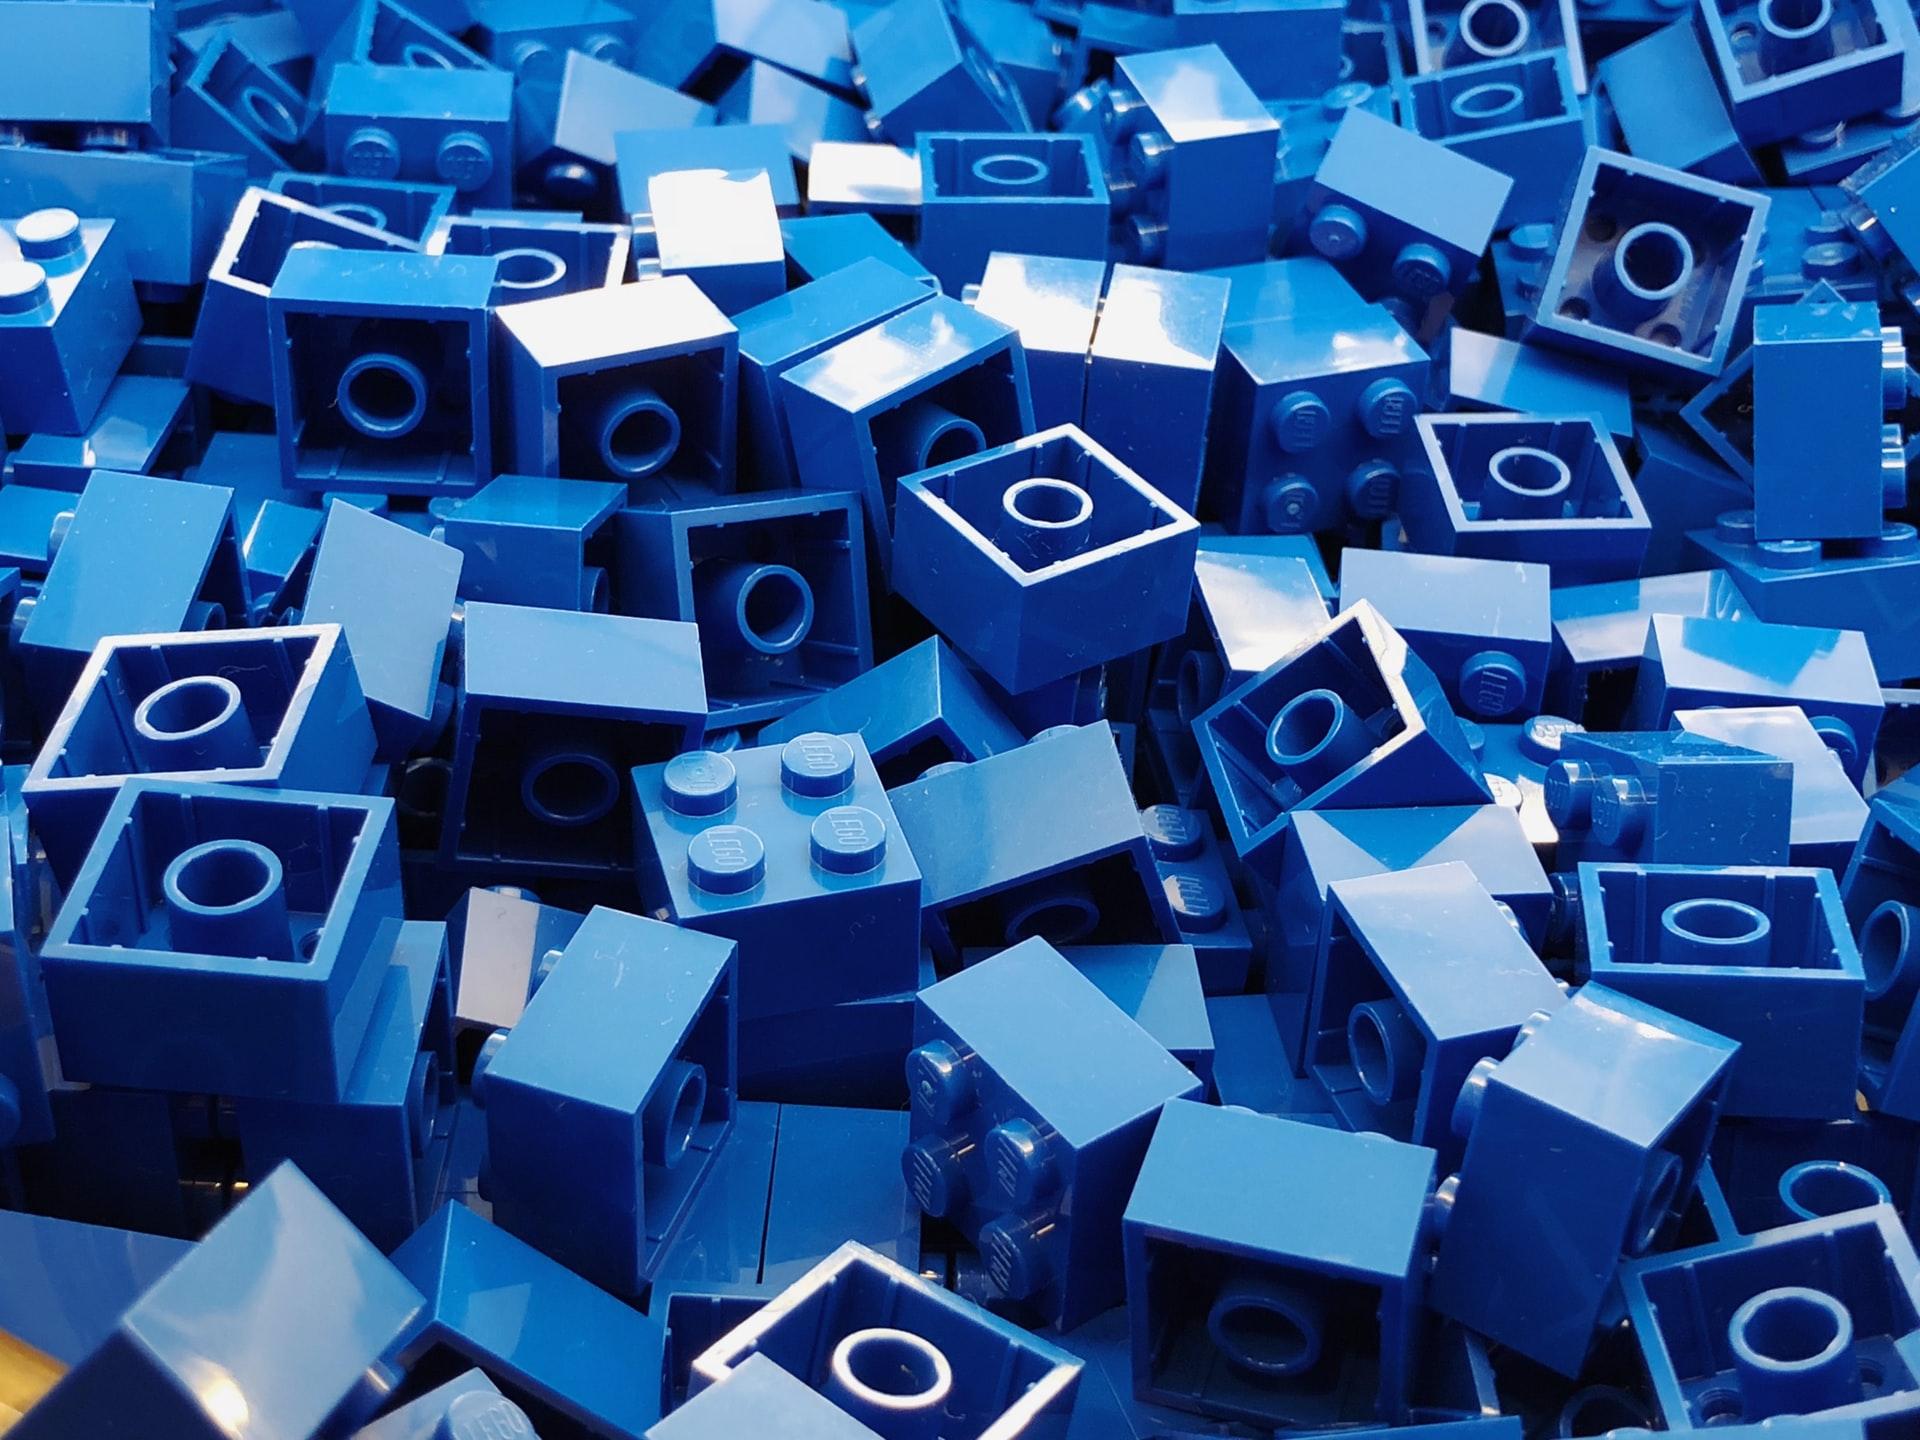 Des briques bleues de Lego